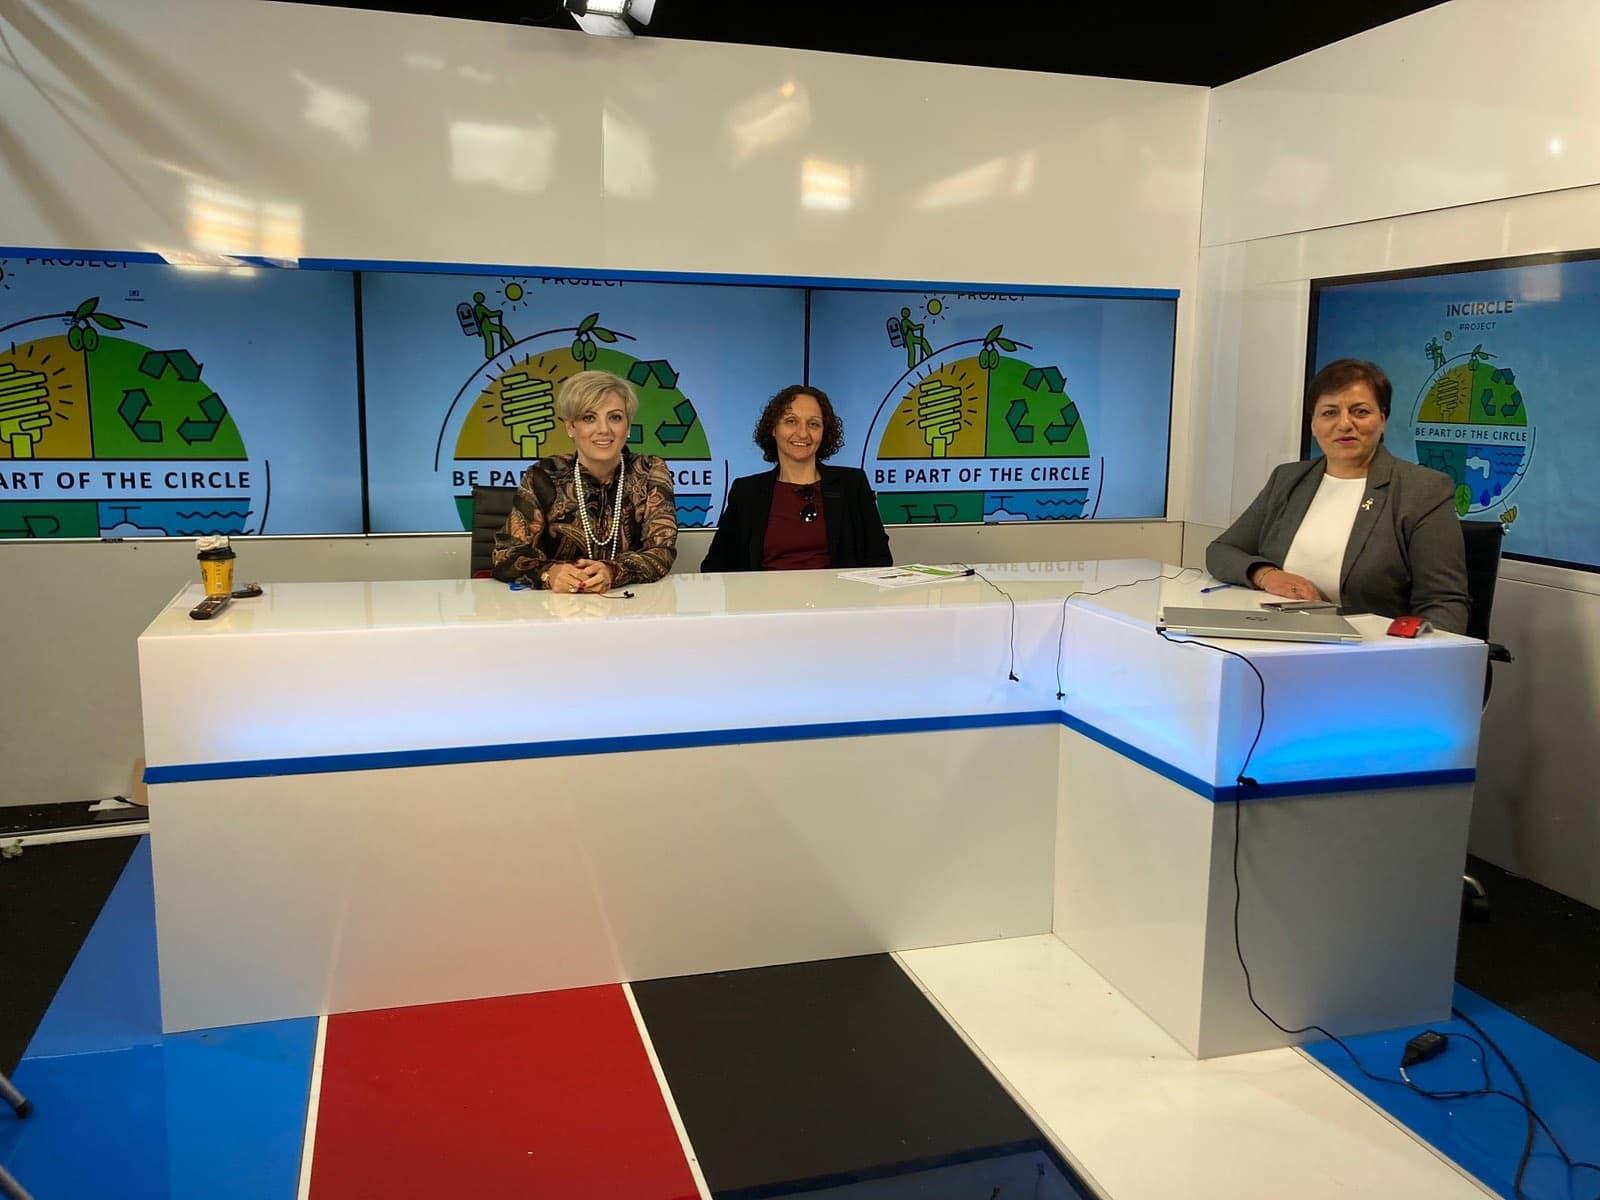 Διαδικτυακή Συζήτηση για την Κυκλική Οικονομία από την Αναπτυξιακή Εταιρεία Επαρχιών Λάρνακας Αμμοχώστου